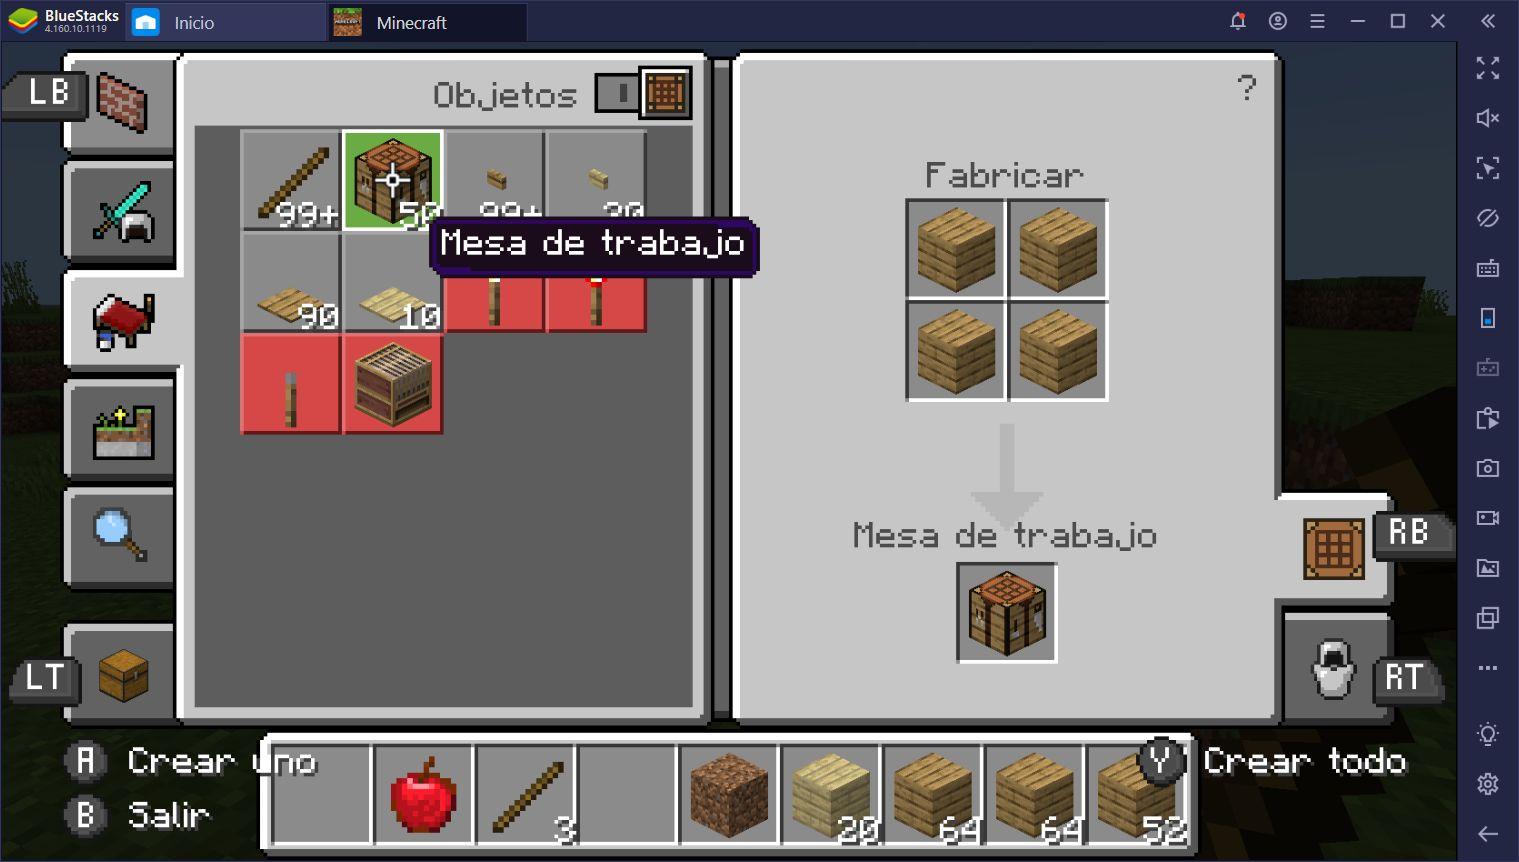 Minecraft Modo Supervivencia - Cómo Sobrevivir el Primer Día y Construir una Base